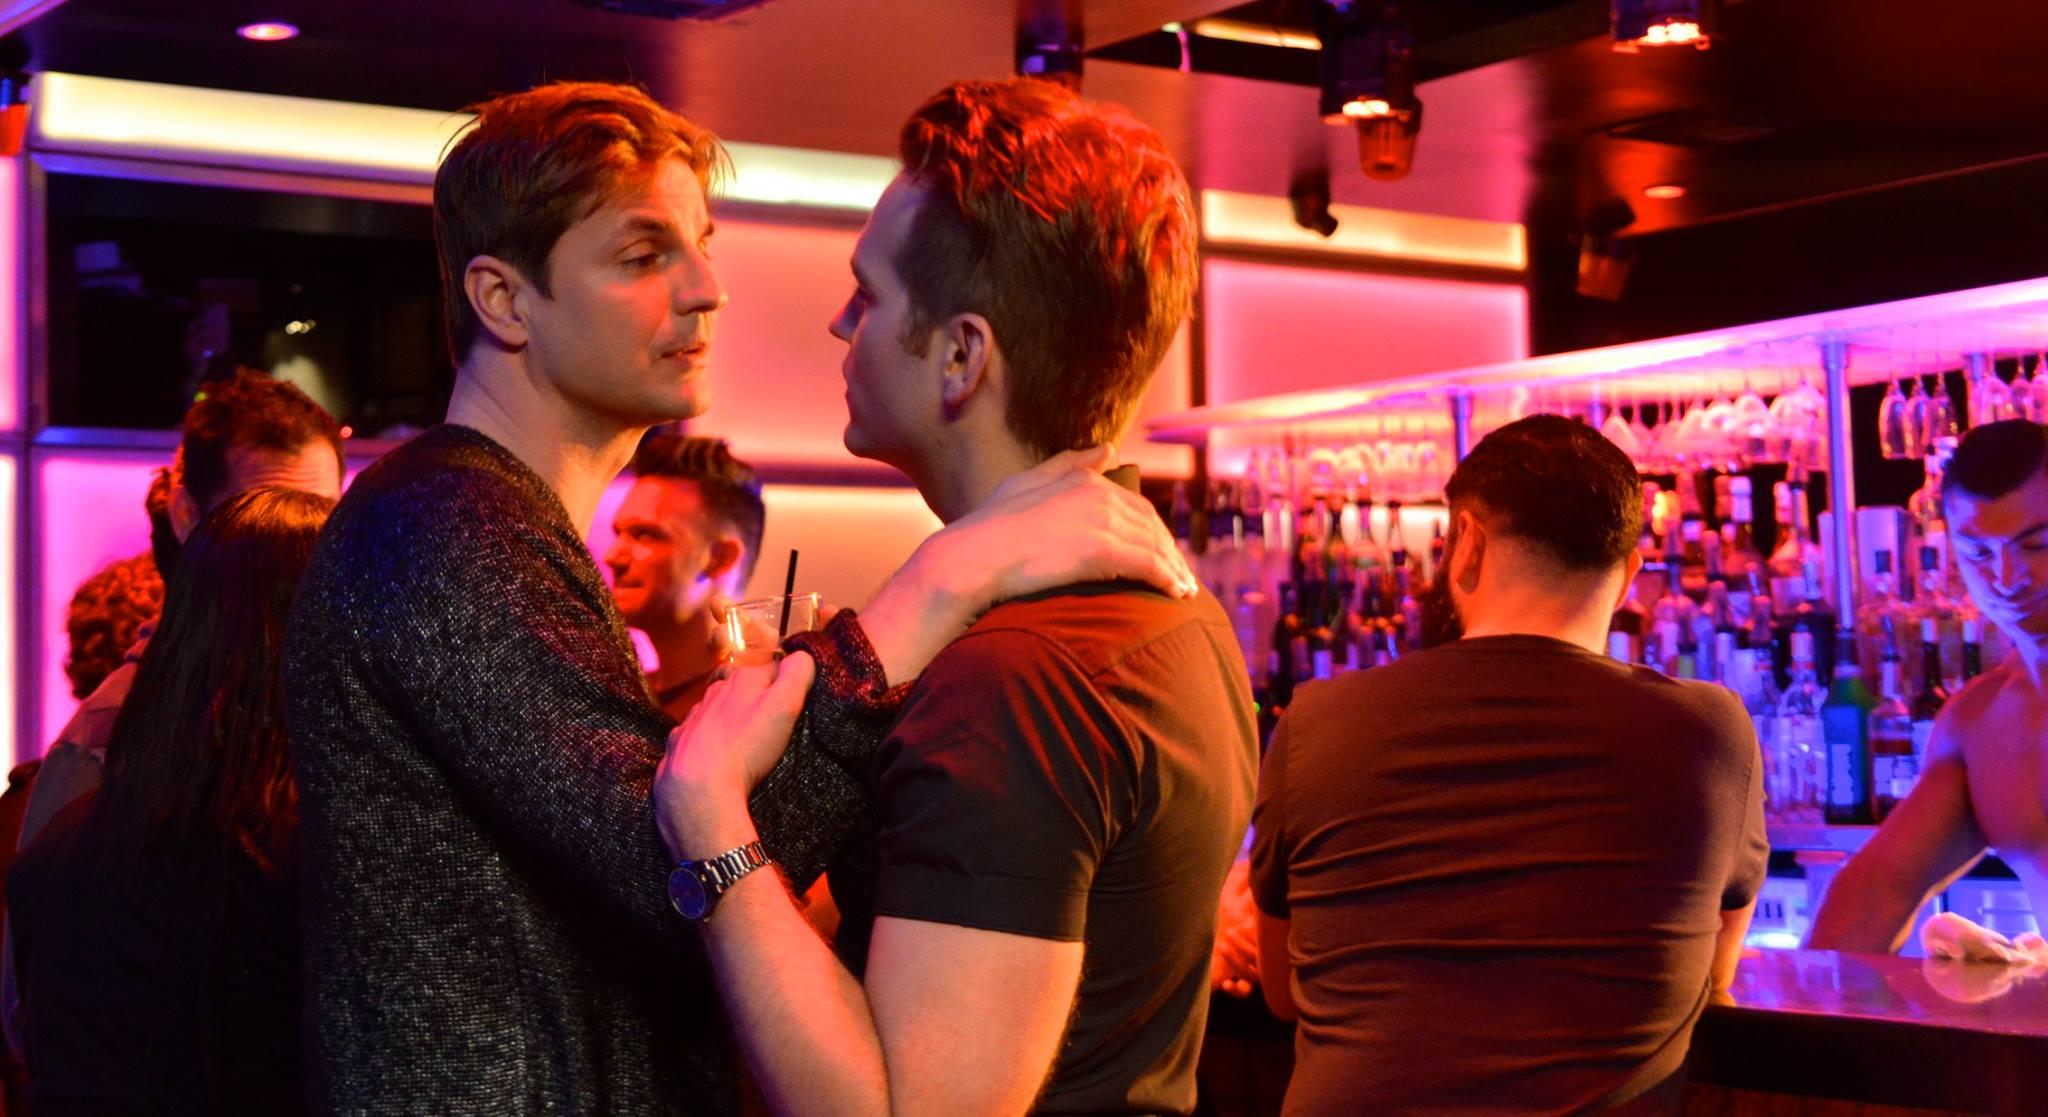 Heteroseksüel Erkekler İçtiklerinde Diğer Erkekleri Daha Çekici Buluyor